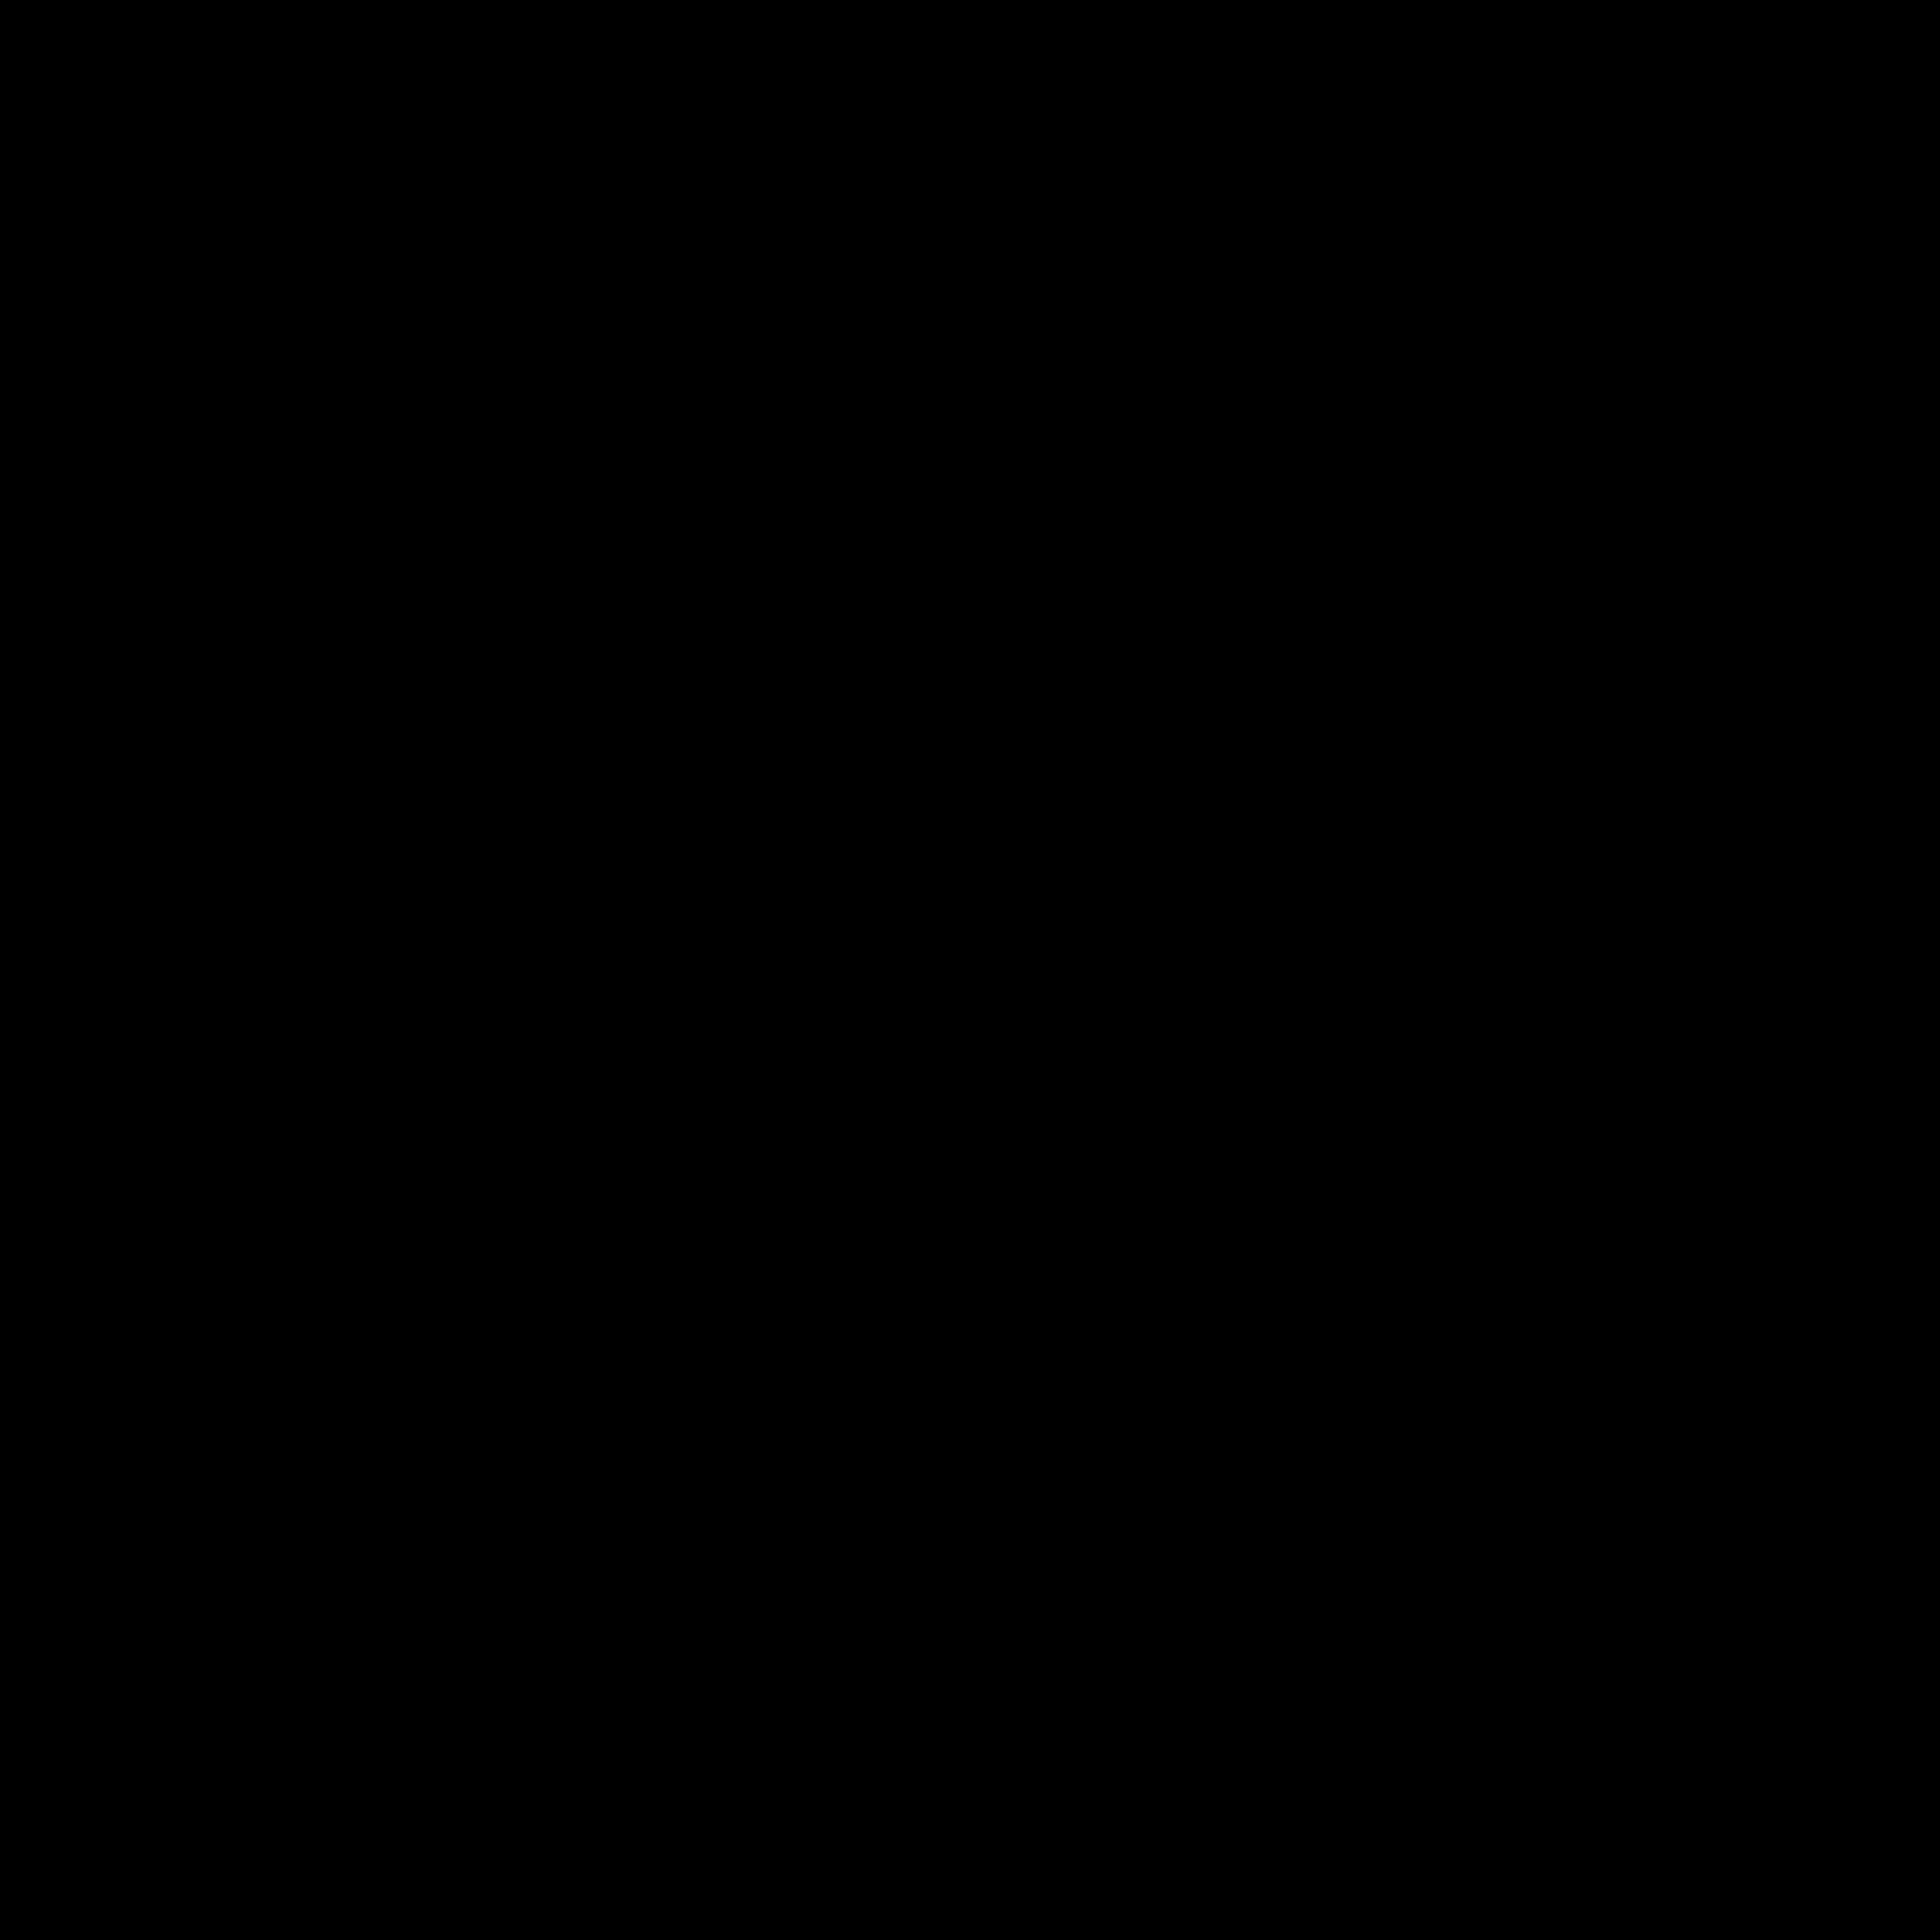 2000x2000 Fileblack Aircraft Icon.svg